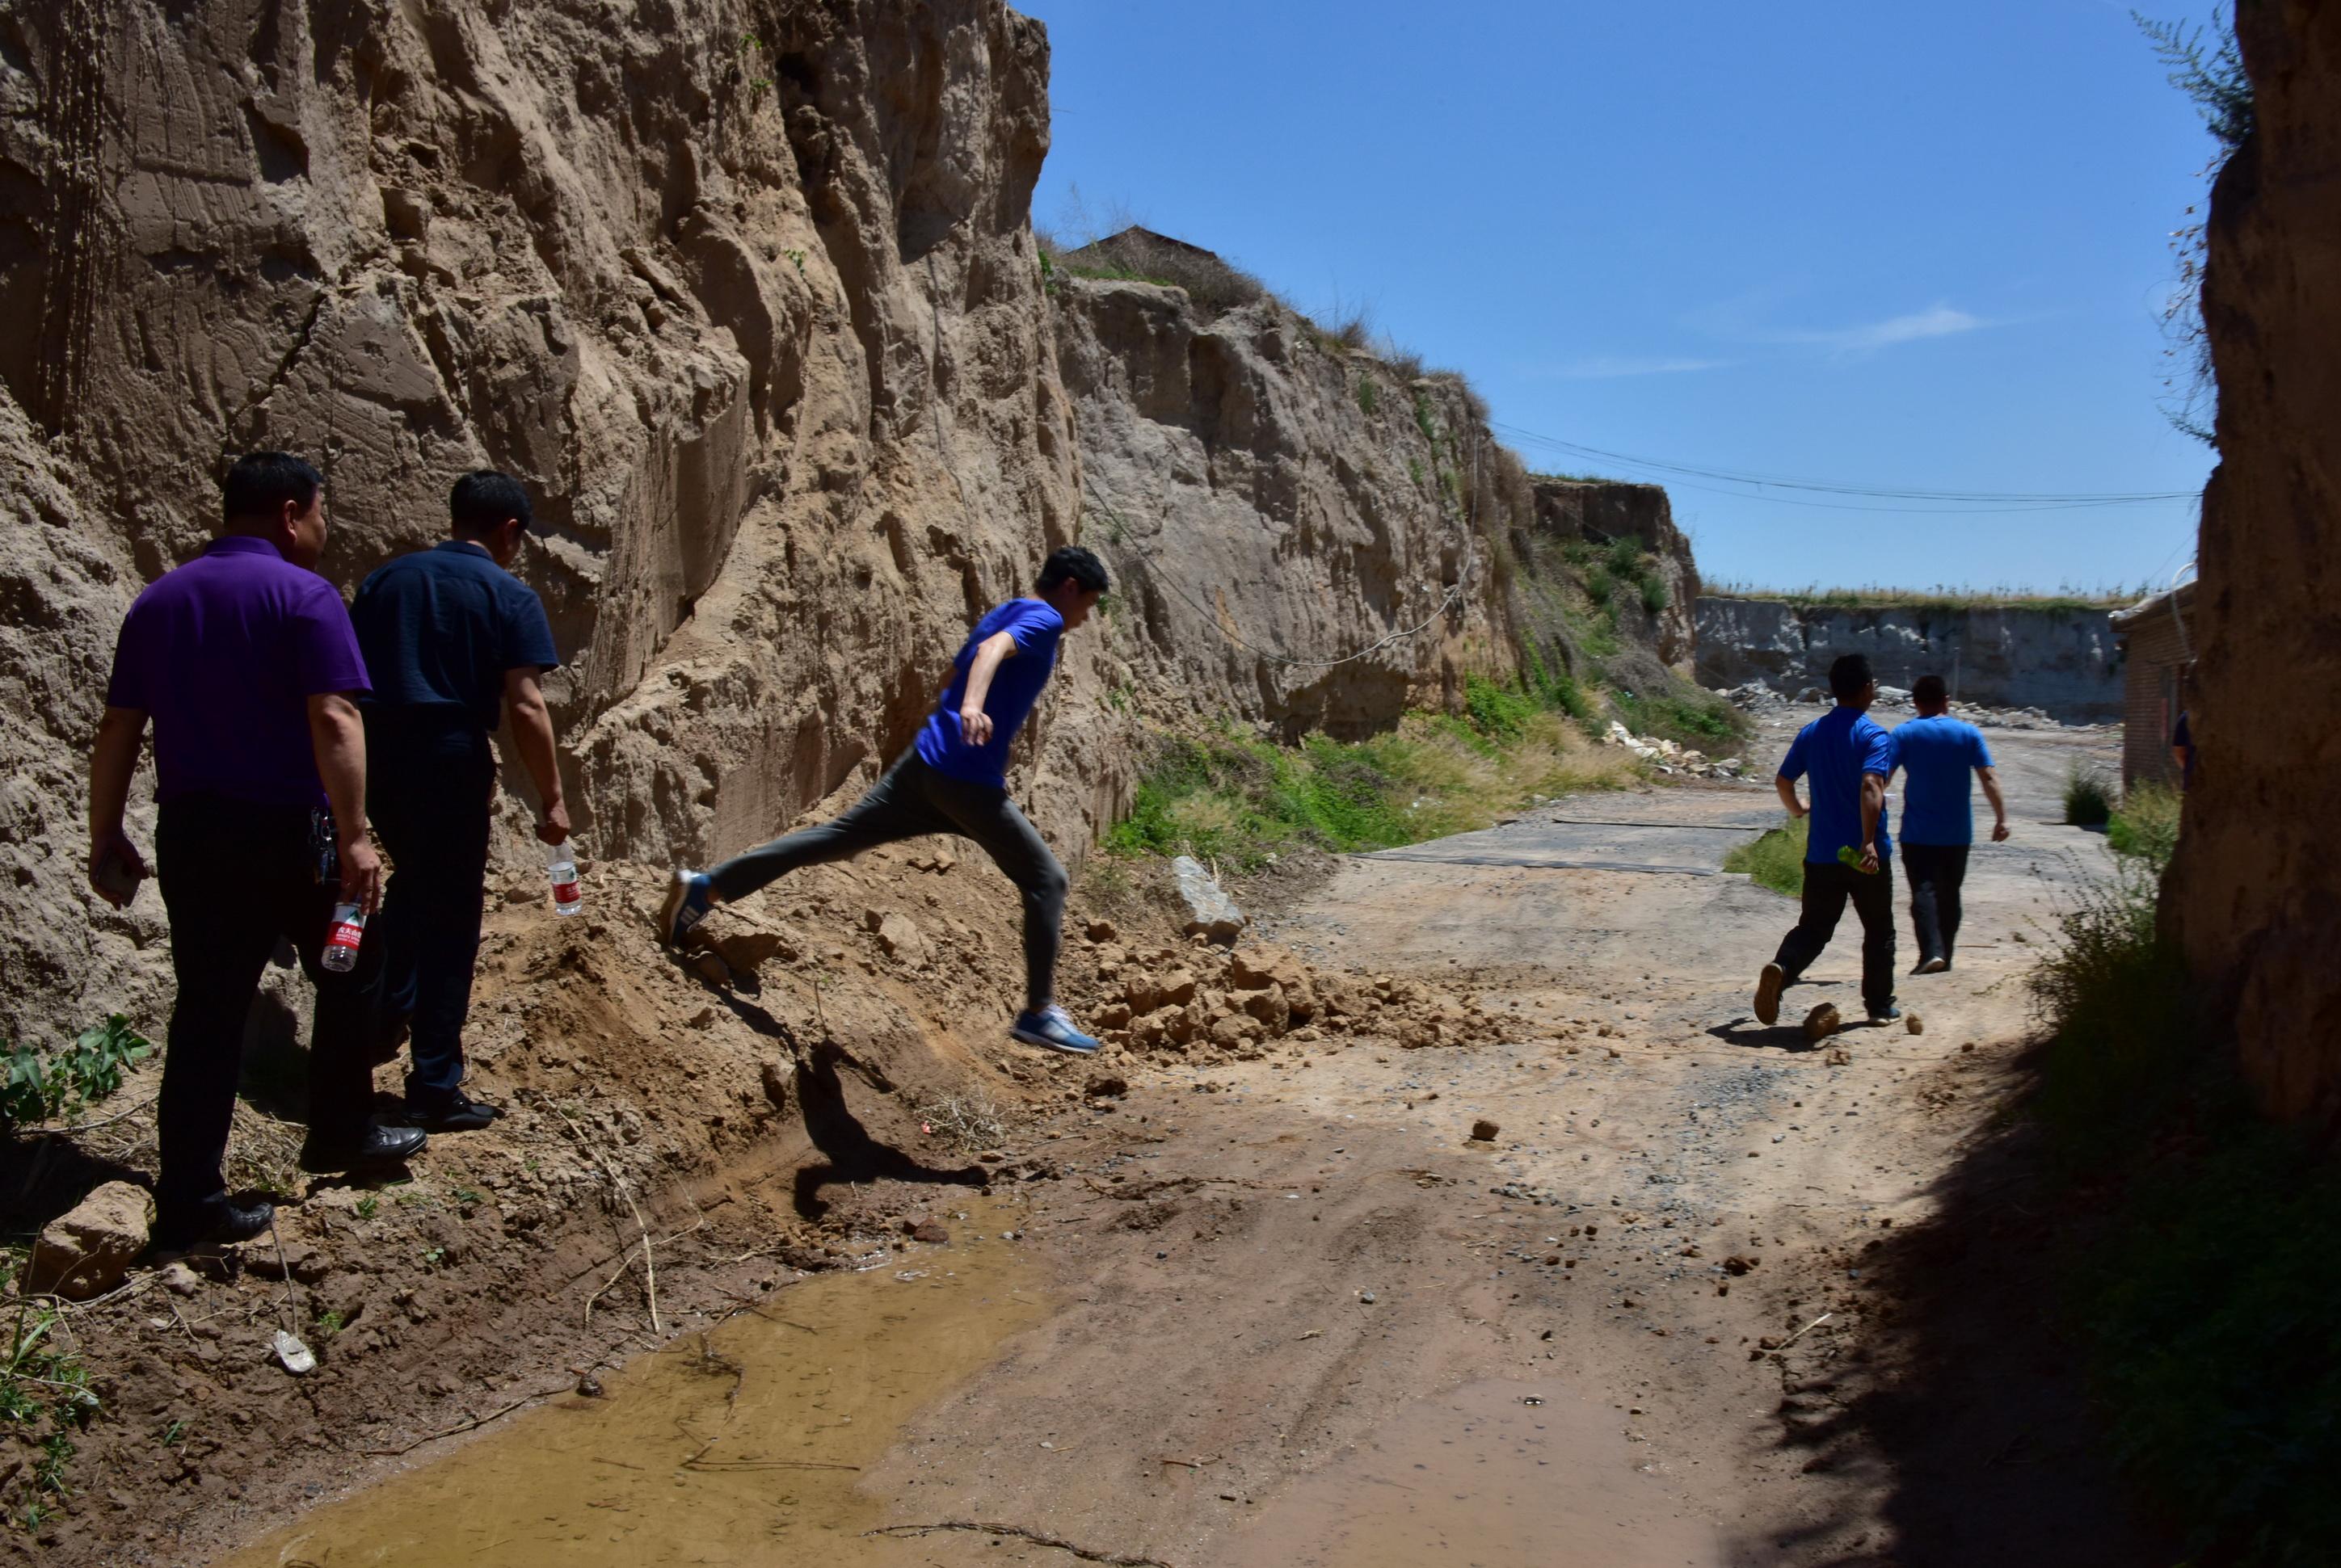 2017年5月25日,原環境保護部強化督查人員在河北邯鄲突擊檢查整治現場。攝影/章軻